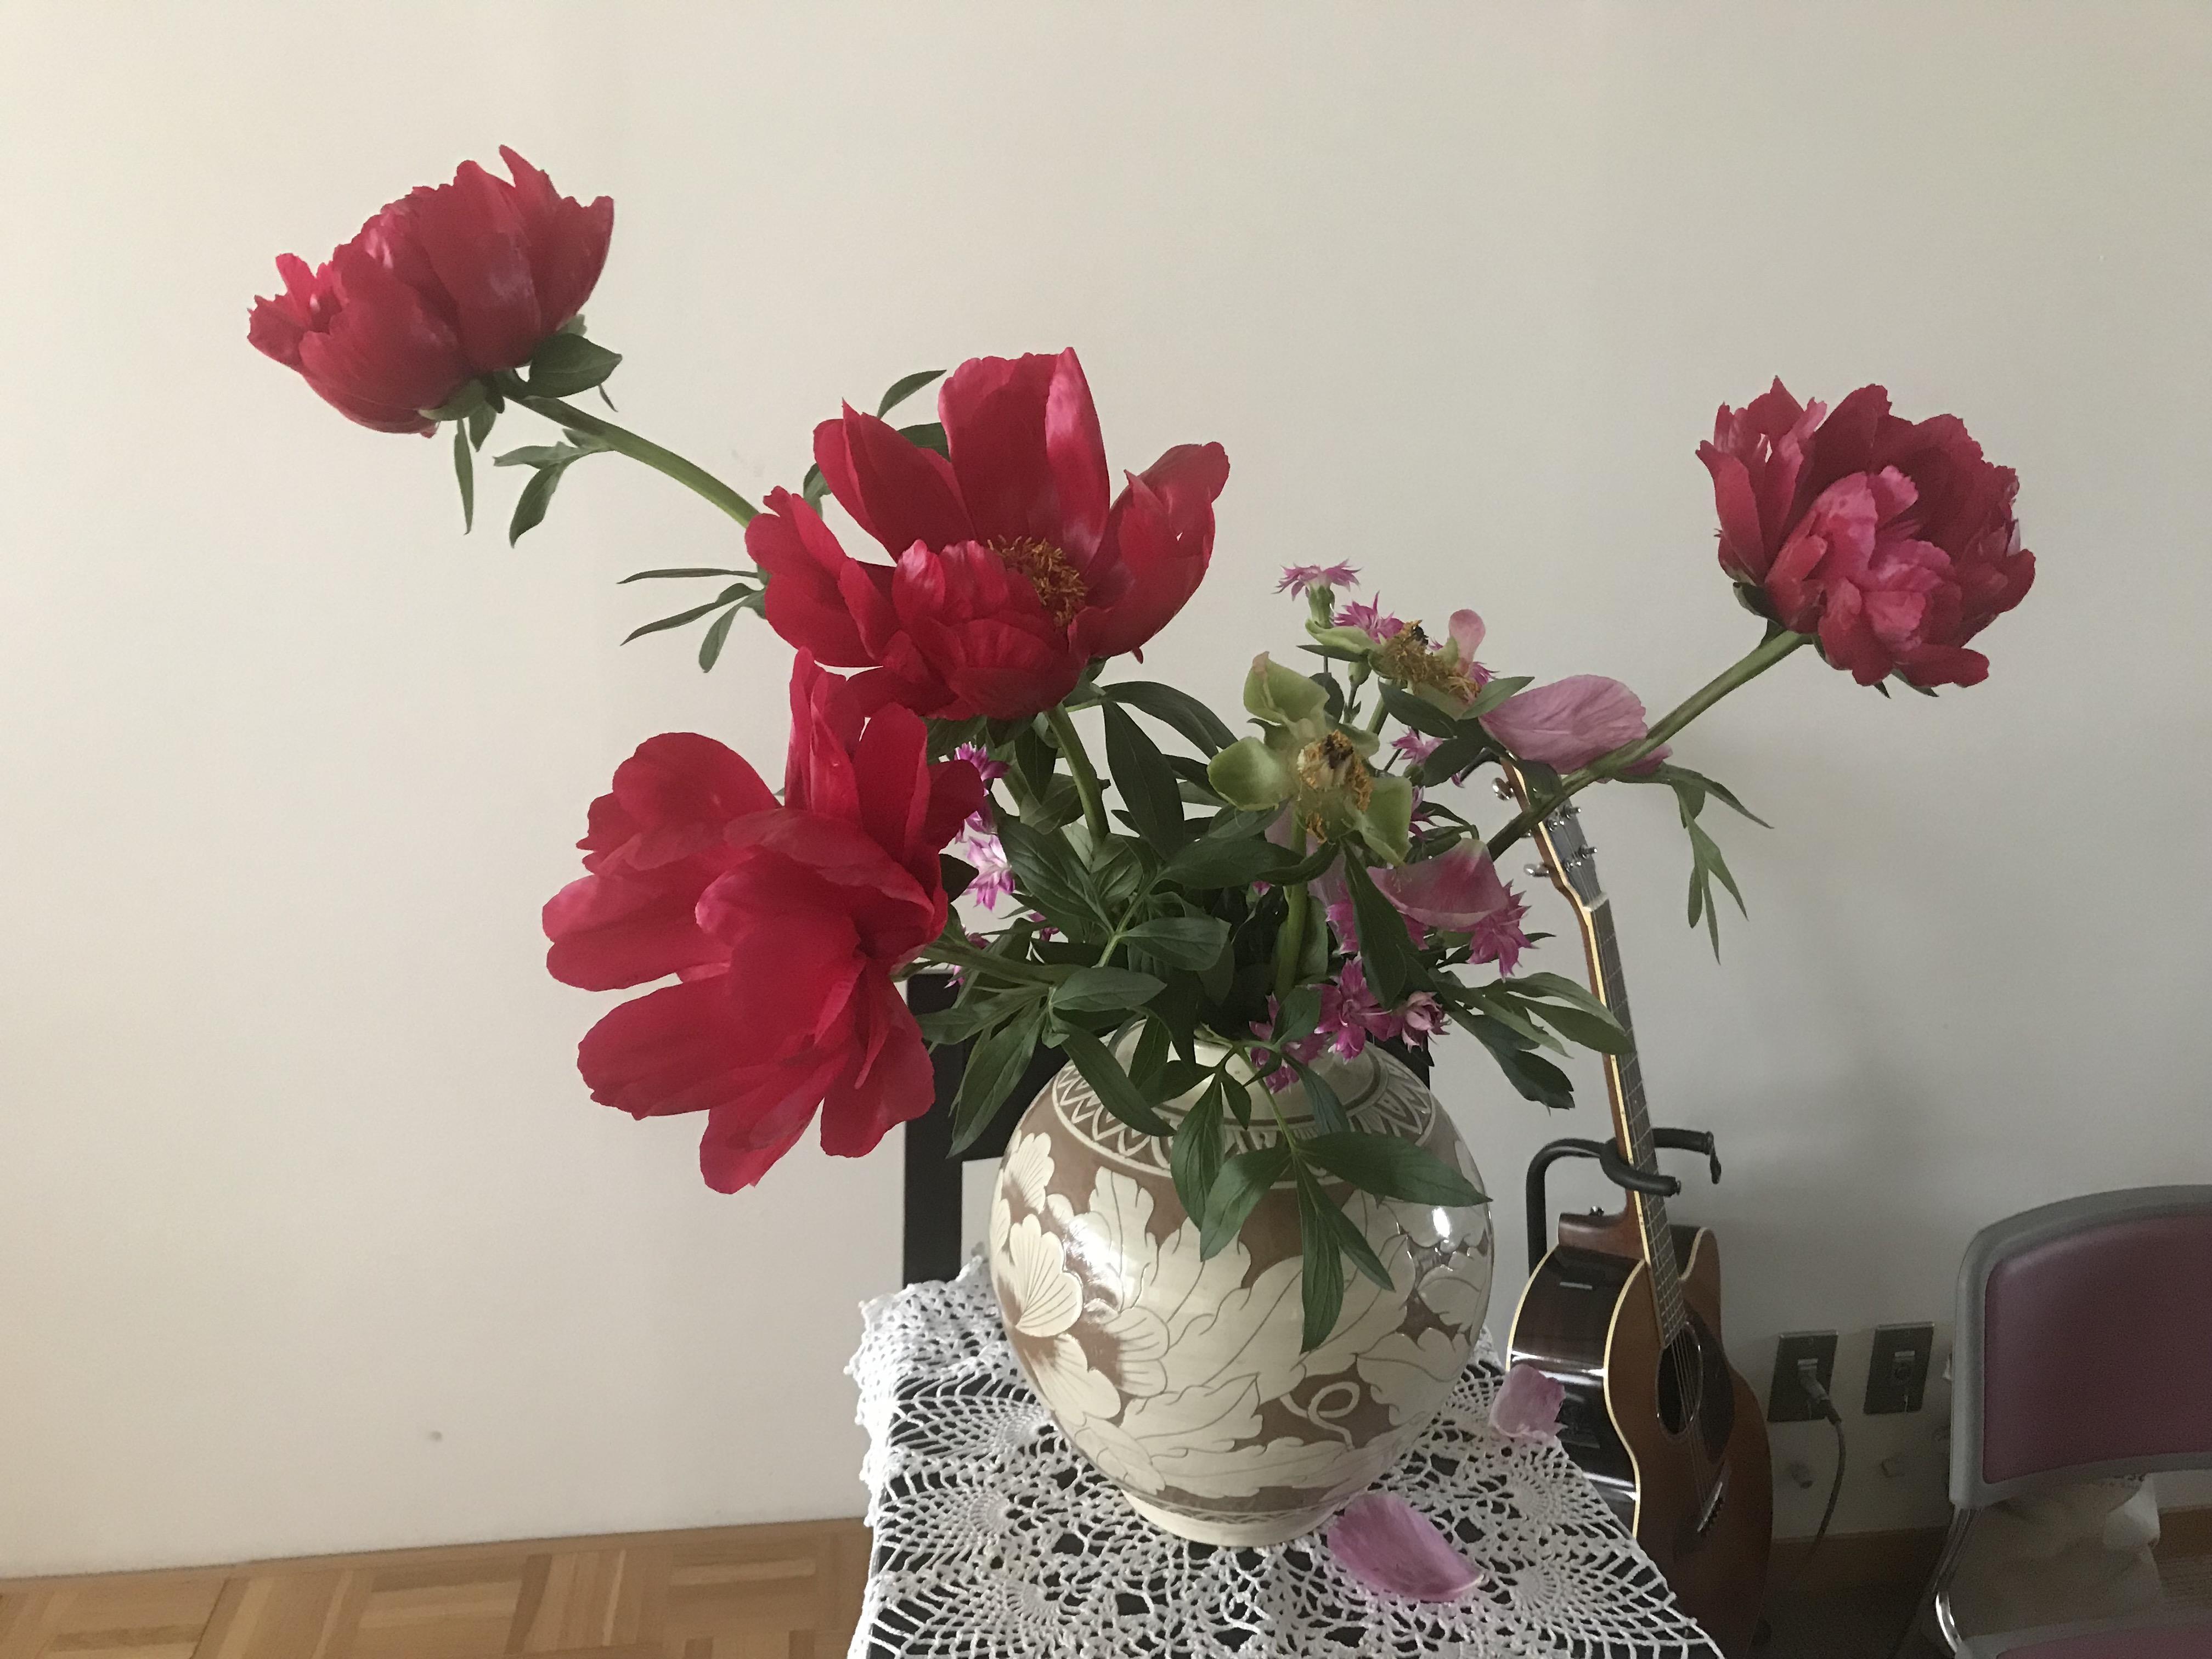 2018/5/20、聖日礼拝のお花